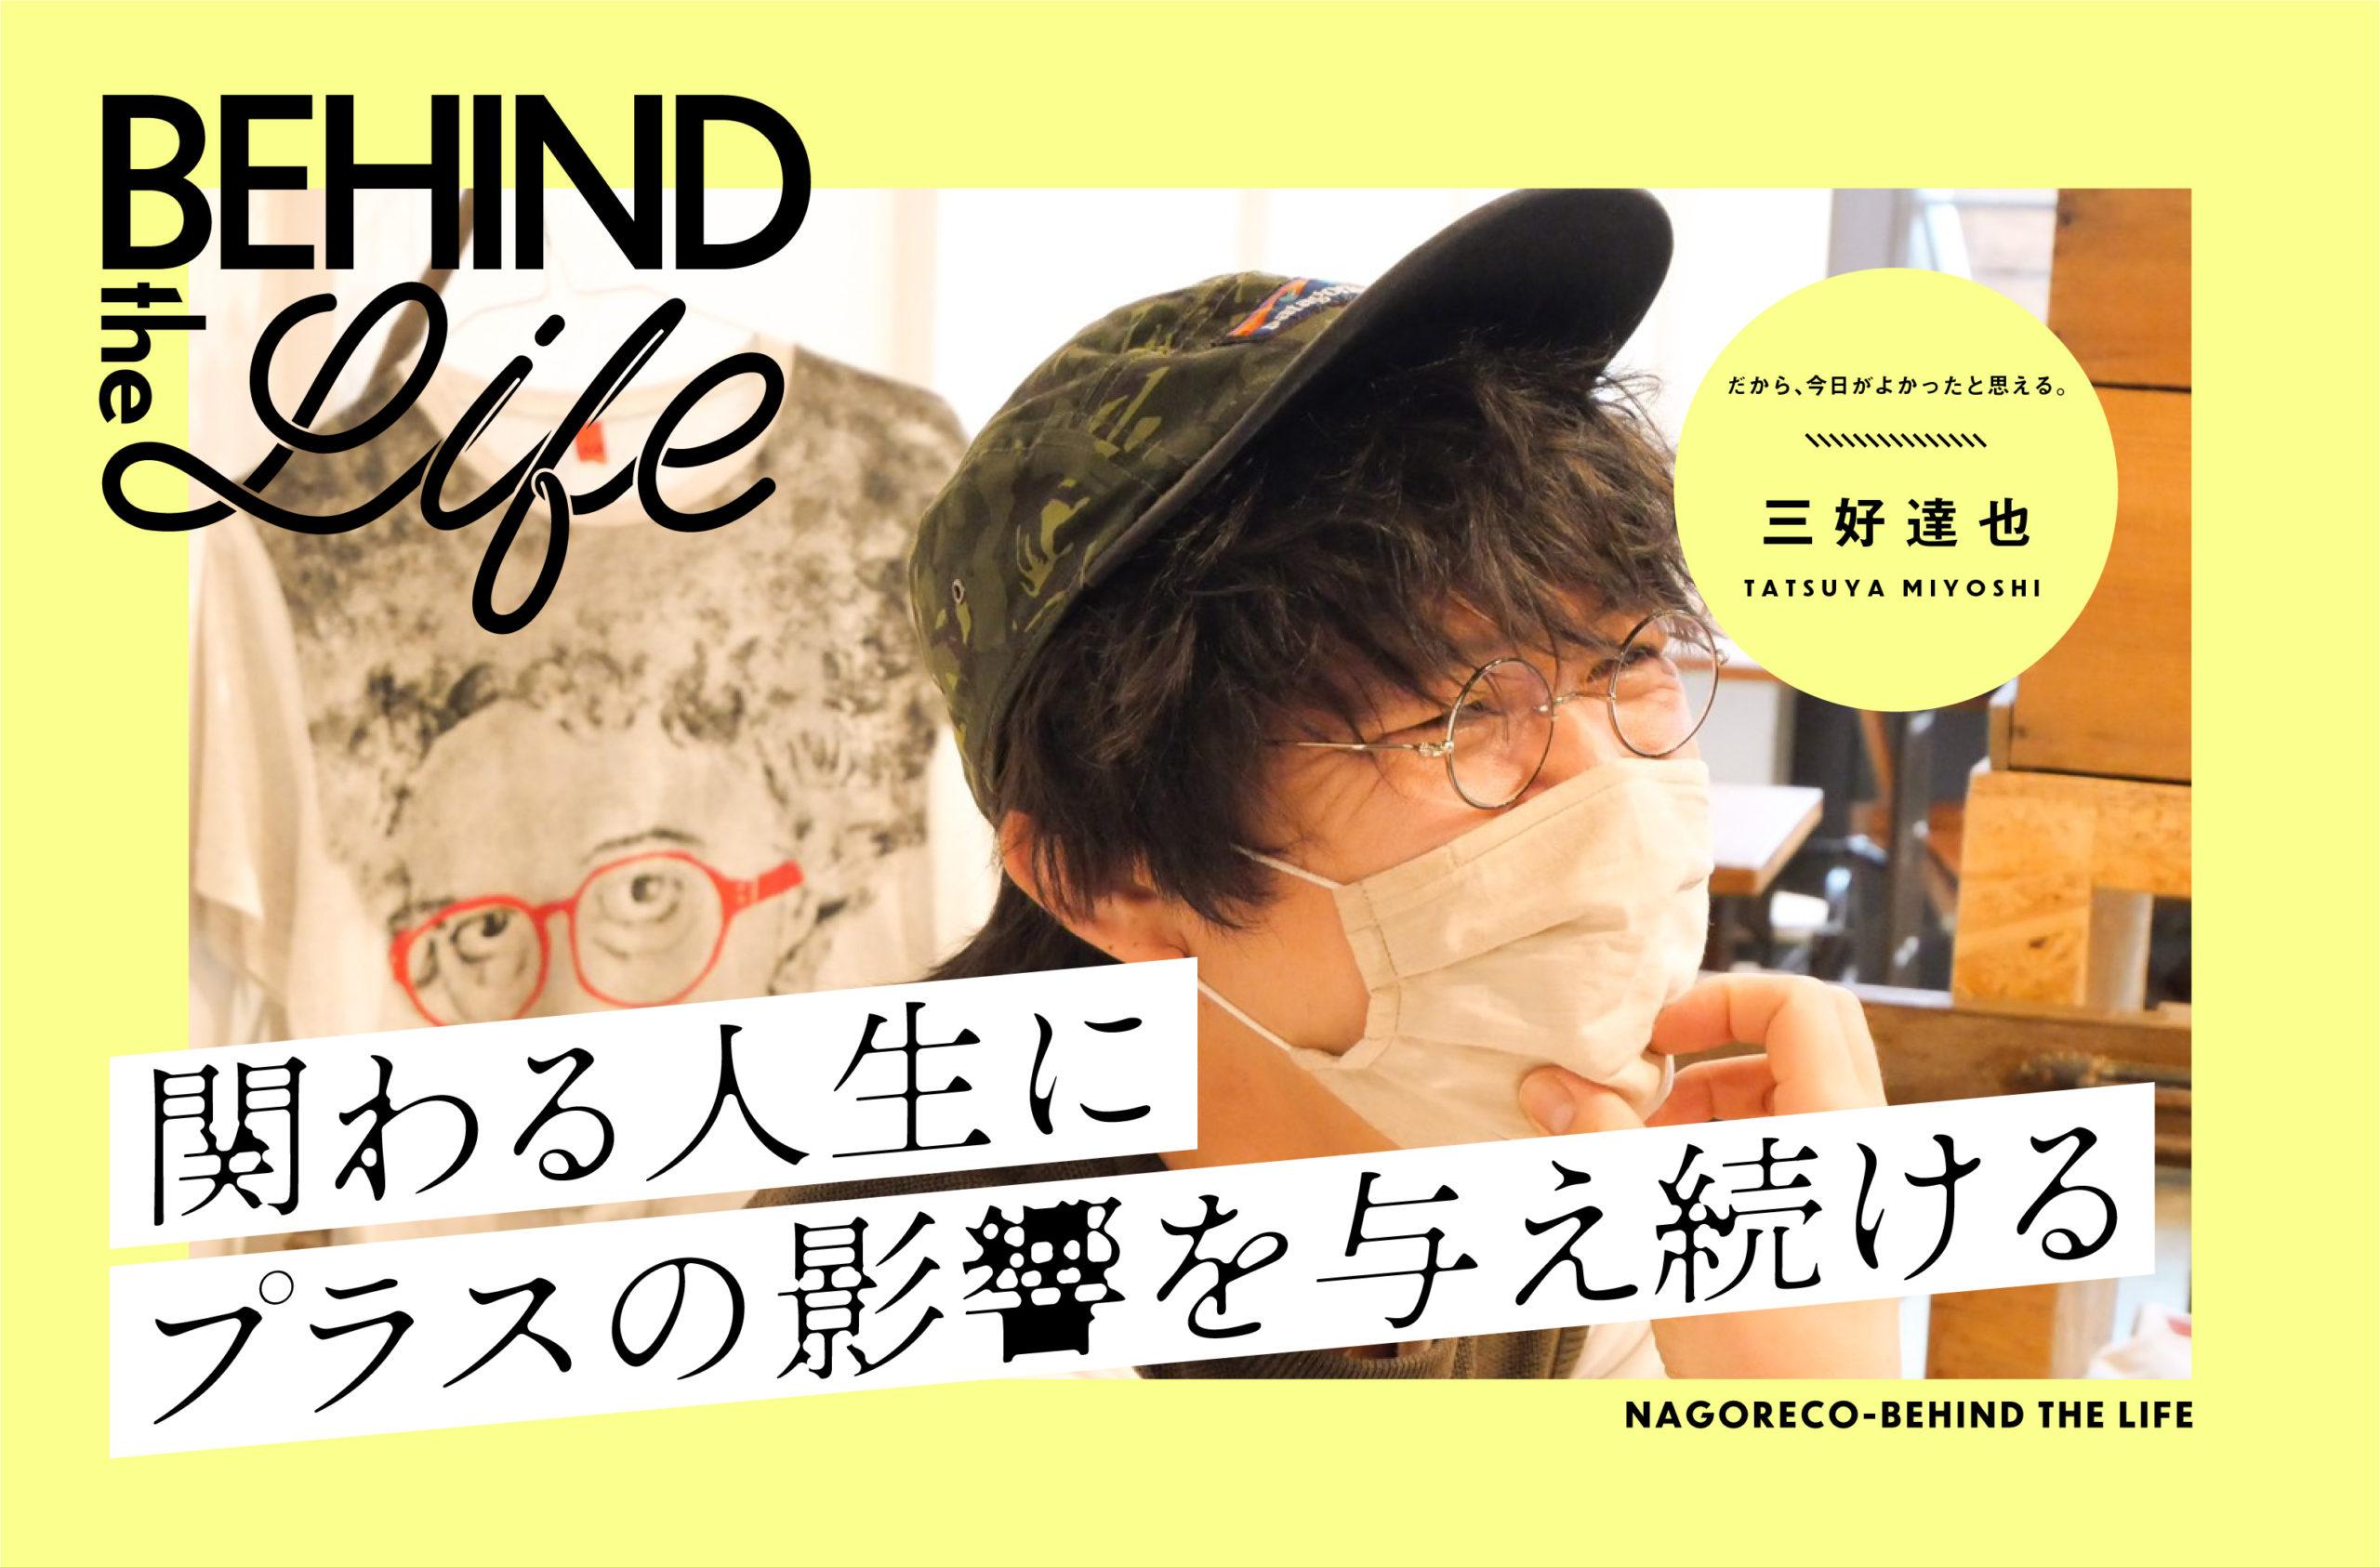 BEHIND THE LIFE|だから、今日がよかったと思える。「三好達也」氏インタビュー